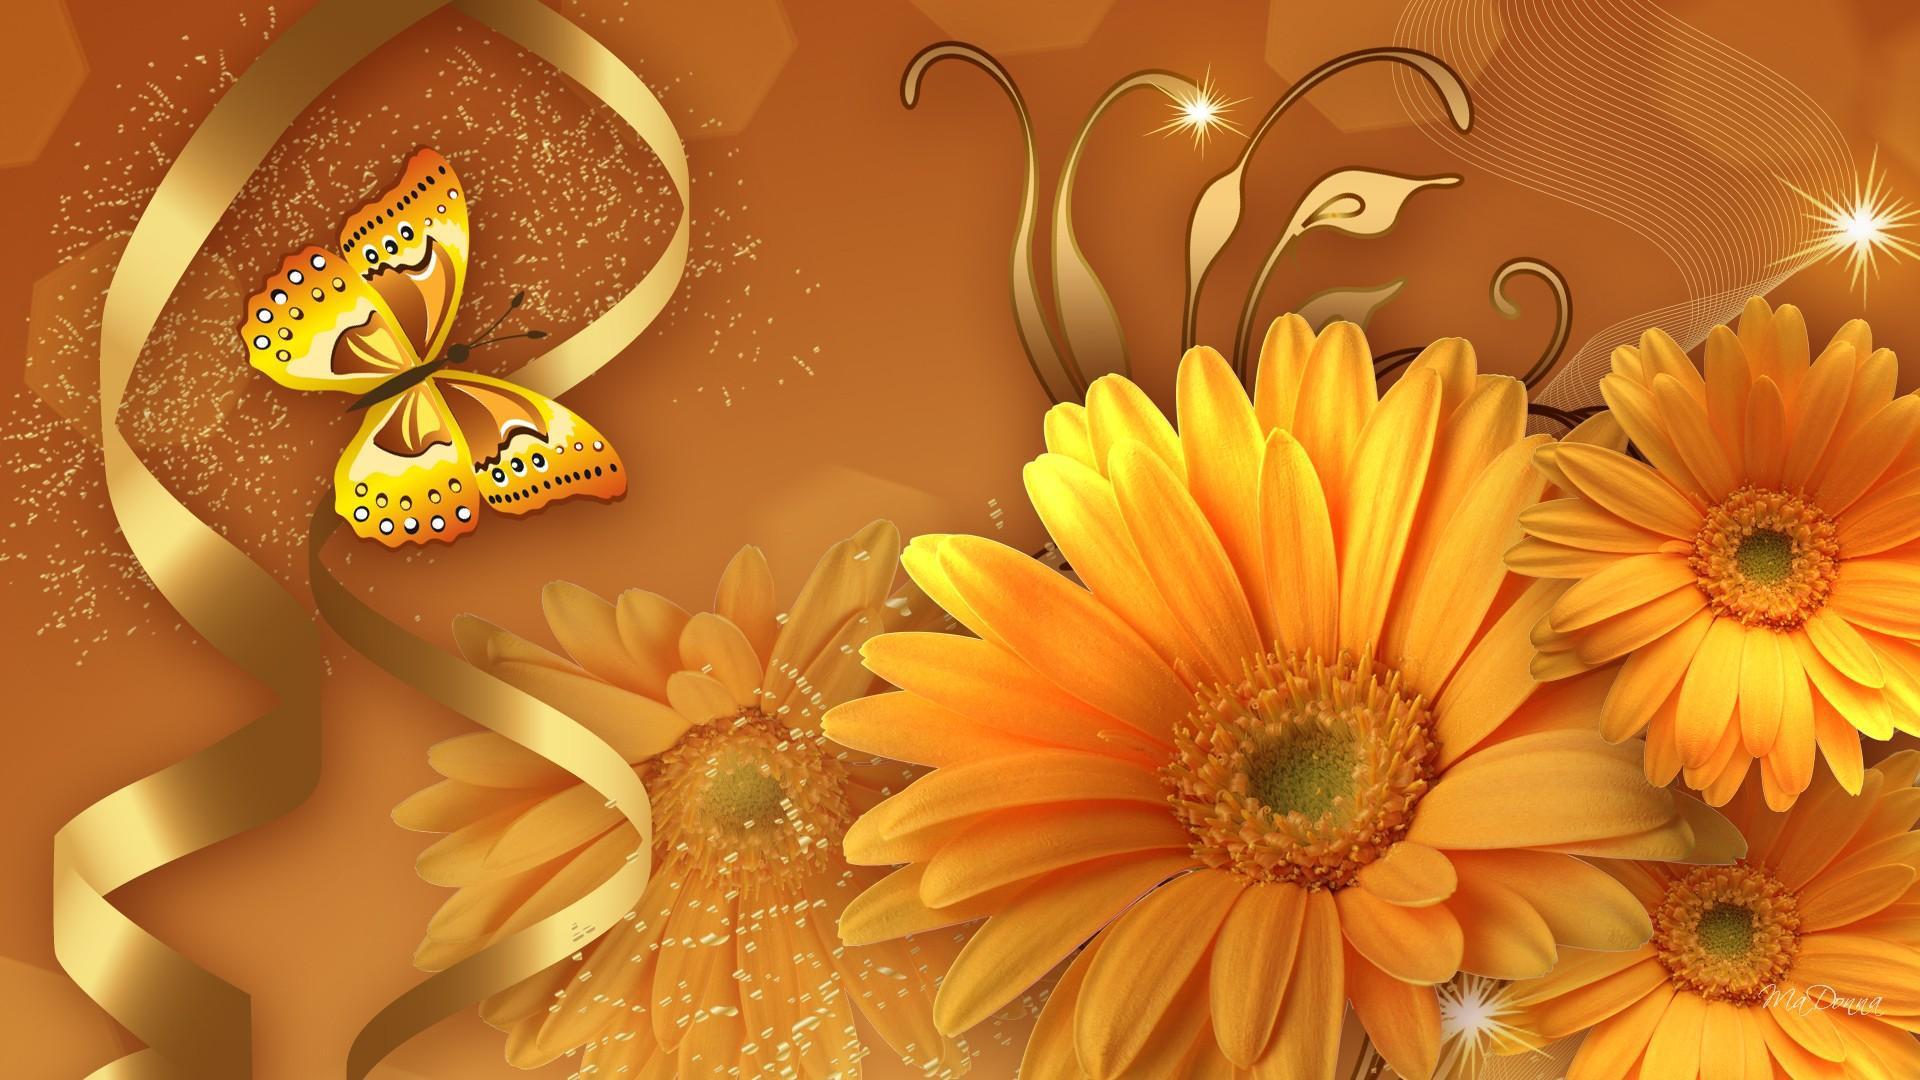 Fall Desktop Wallpaper With Sunflowers Remember Orange Hd Desktop Wallpaper Widescreen High